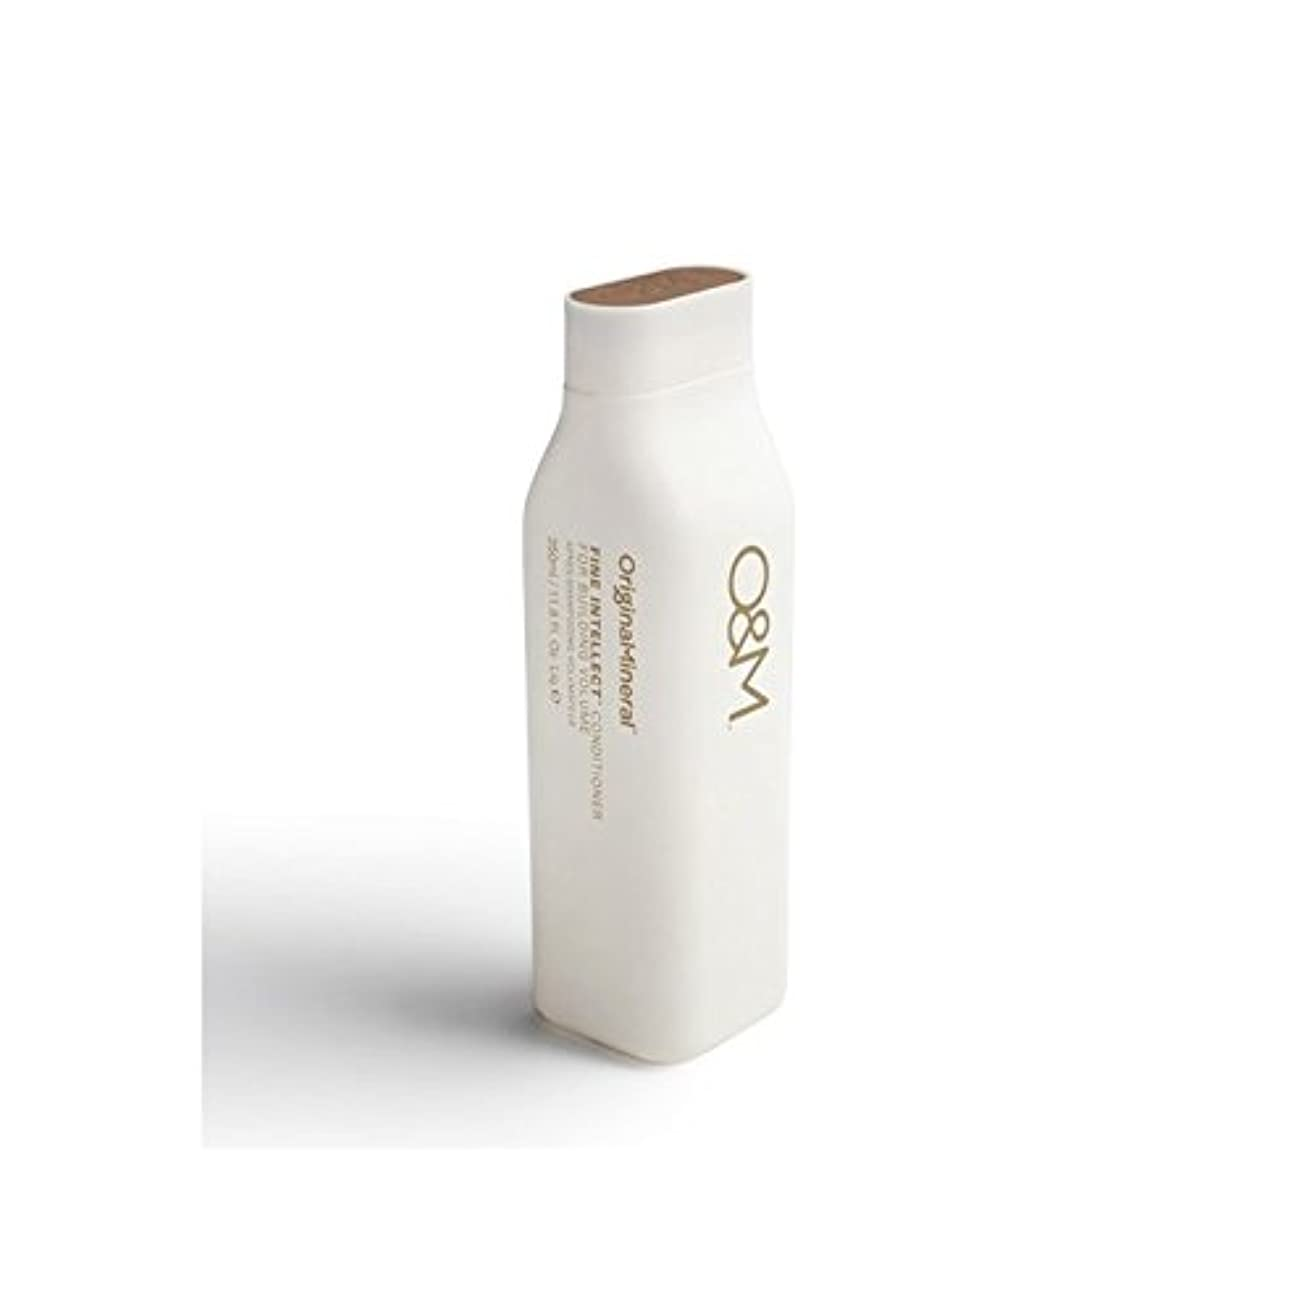 やる支援のオリジナル&ミネラル細かい知性コンディショナー(350ミリリットル) x2 - Original & Mineral Fine Intellect Conditioner (350ml) (Pack of 2) [並行輸入品]